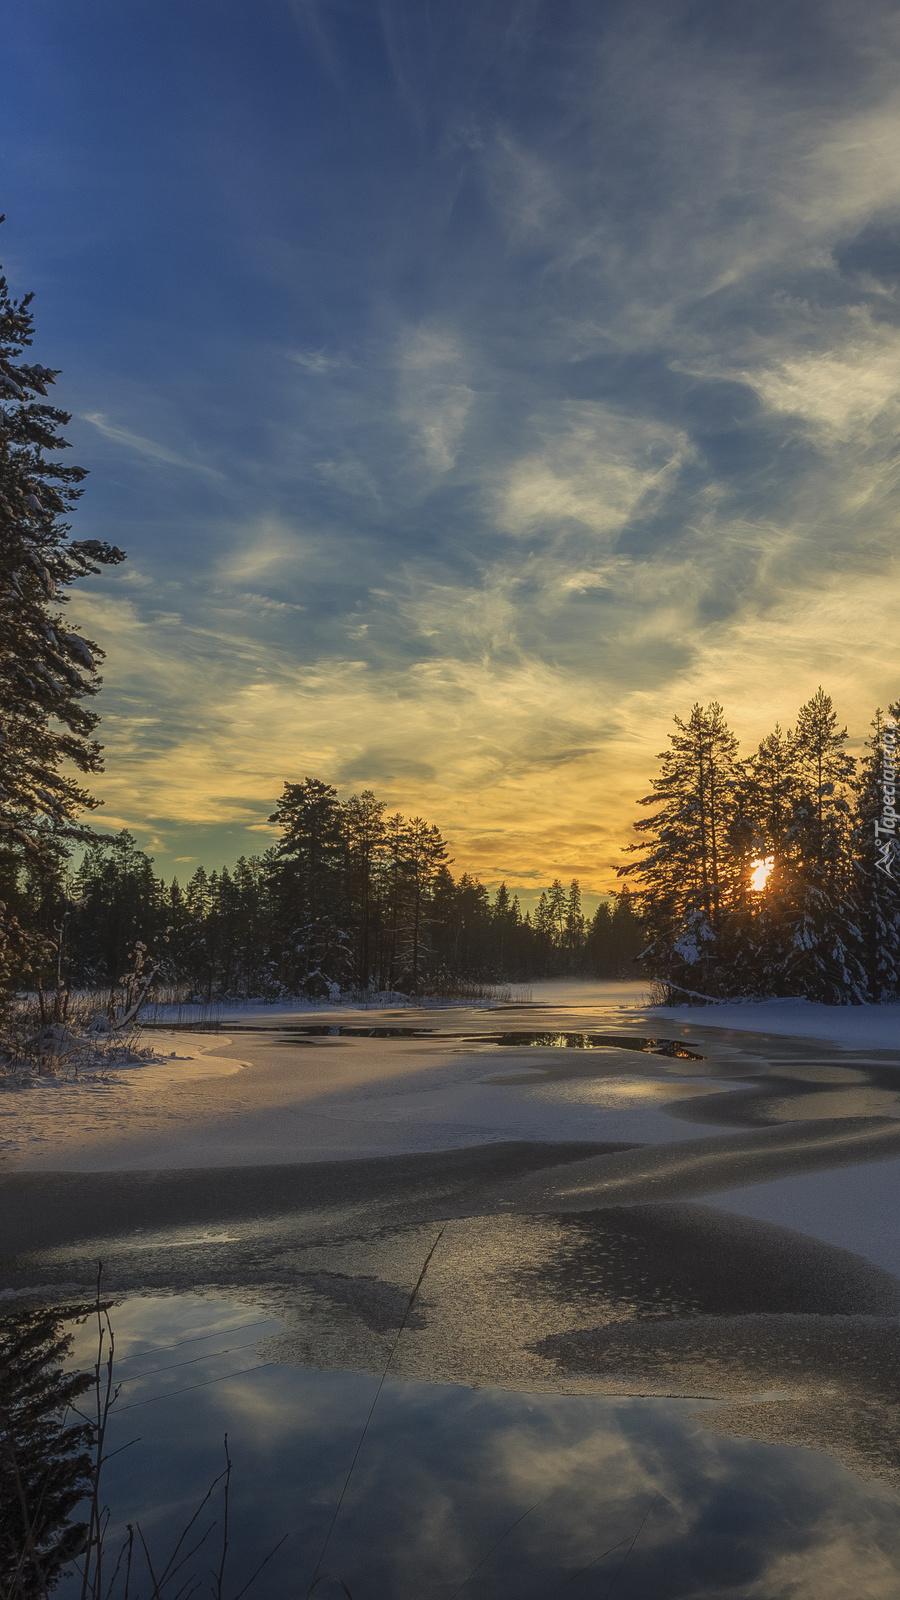 Słońce ukryte za drzewami